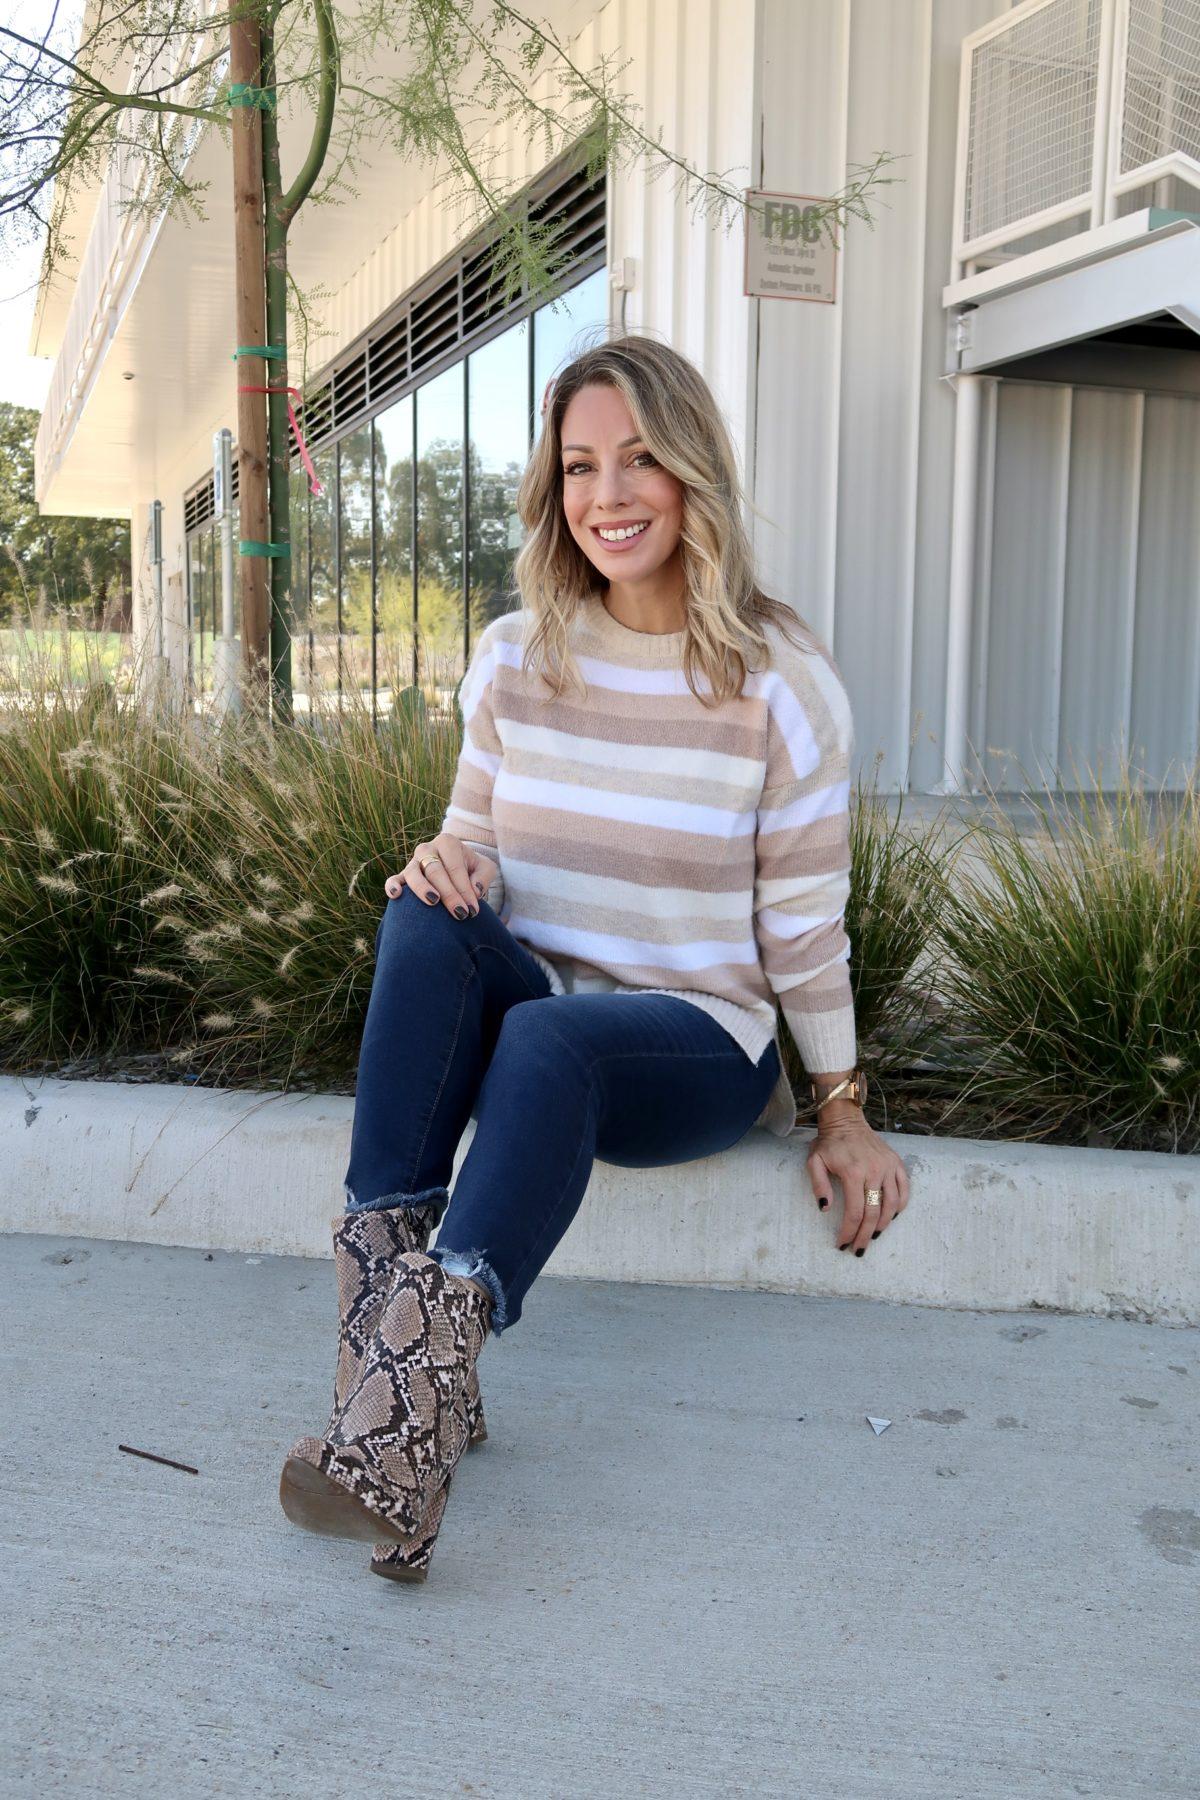 Walmart Fashion Finds Stripe Sweater, Jeans, Snakeskin Booties